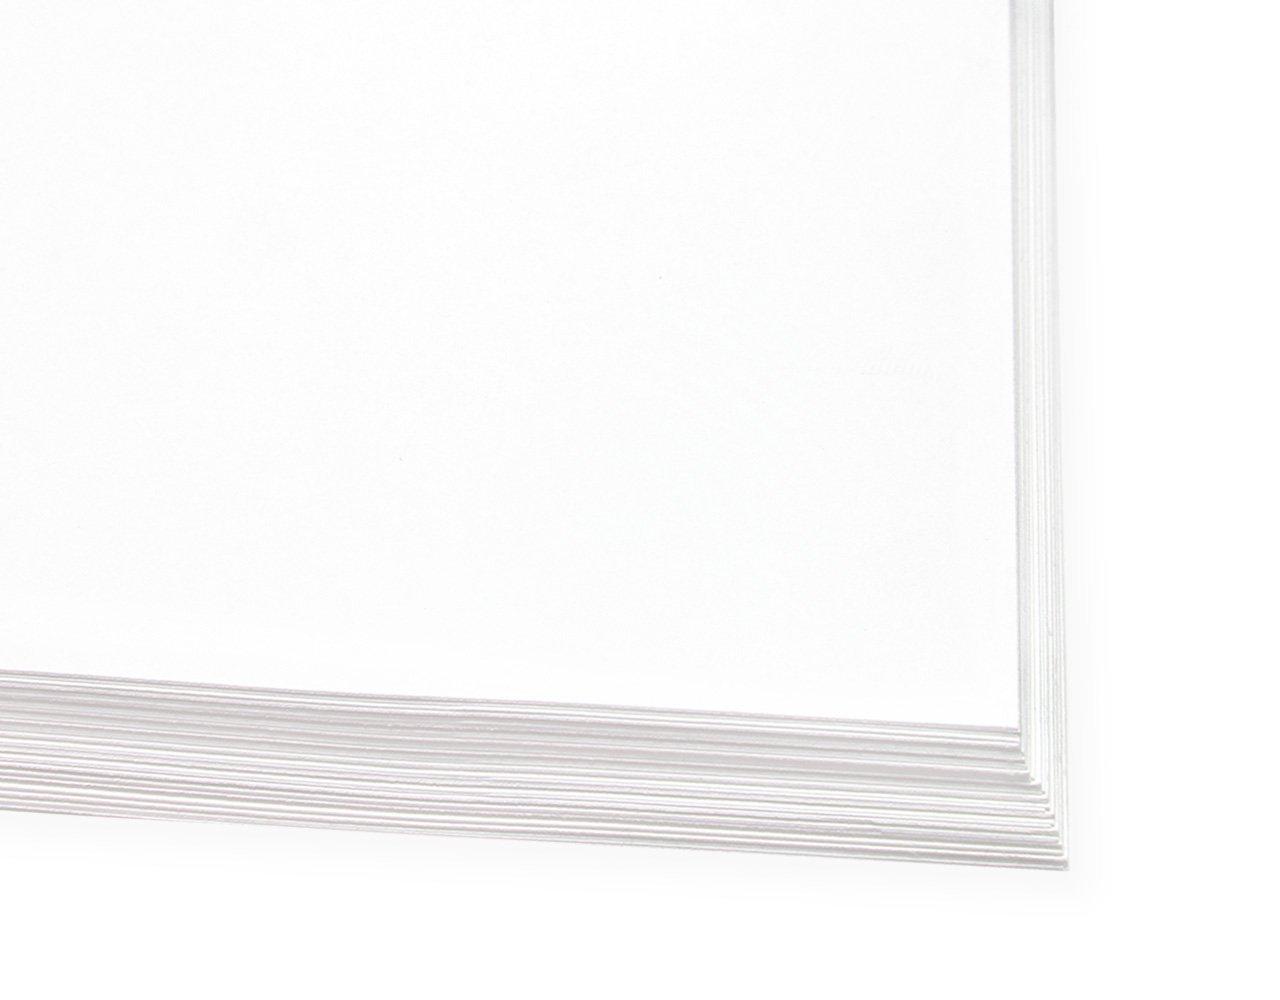 Sublimationspapier Sublimationspapier Sublimationspapier   Transferpapier für Textilien und Feststoffe, 500 Blatt DIN A4 B00UHQCGUY | Stil  | Angemessene Lieferung und pünktliche Lieferung  | Billig ideal  f3d768